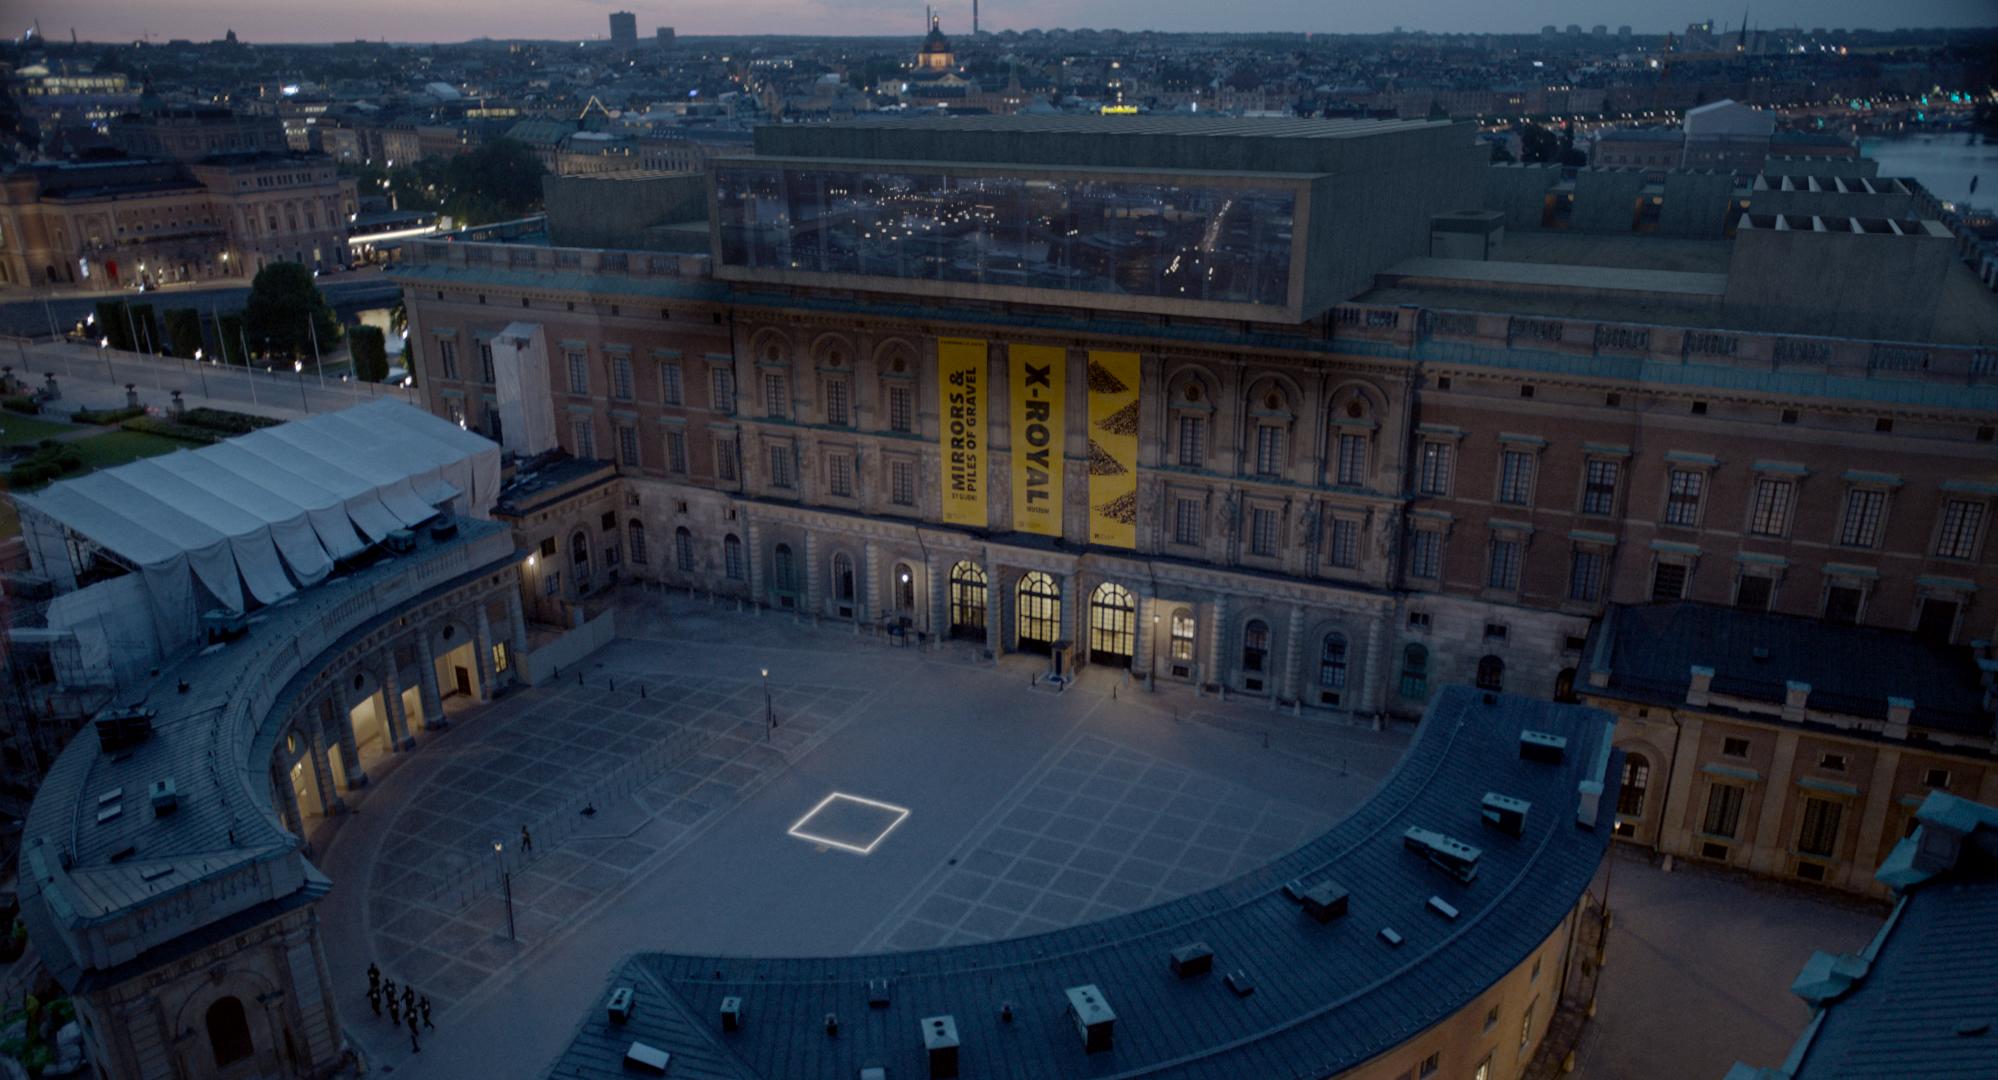 Stockholms slott er overtatt av kunstmuseet X-Royal, og kunstverket Ruten har fått erstatte den gammel statuen av kong Karl Johan XIV på plassen foran inngangen.